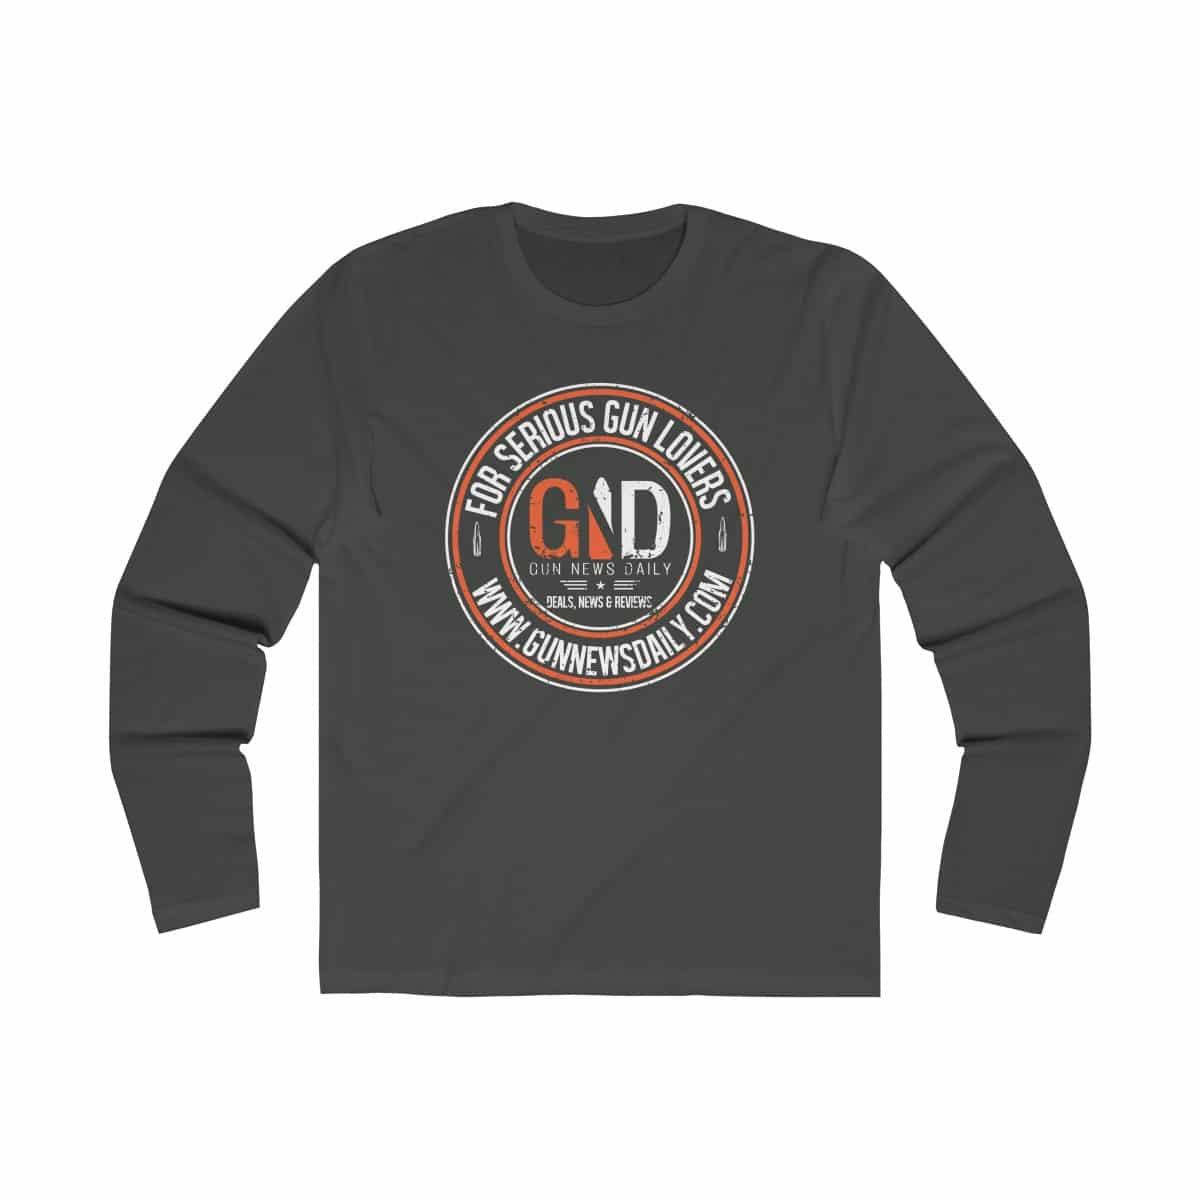 gnd for serious gun lovers shirt 15